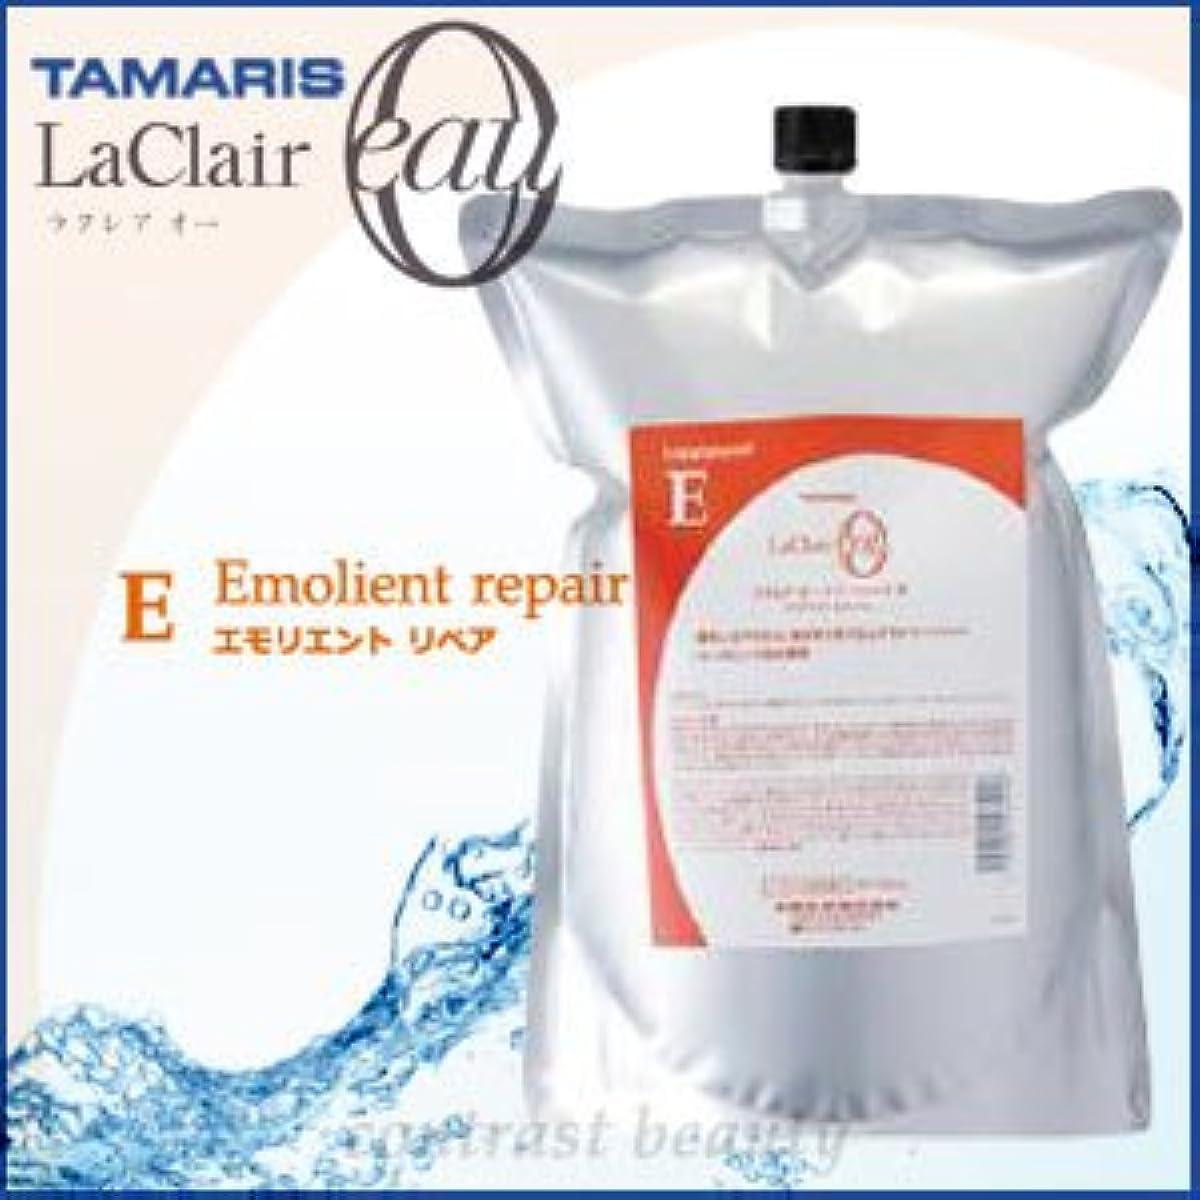 等々離婚入札【X5個セット】 タマリス ラクレアオー エモリエントリペア トリートメントE 2000g(業務用詰替レフィルタイプ) TAMARIS La Clair eau